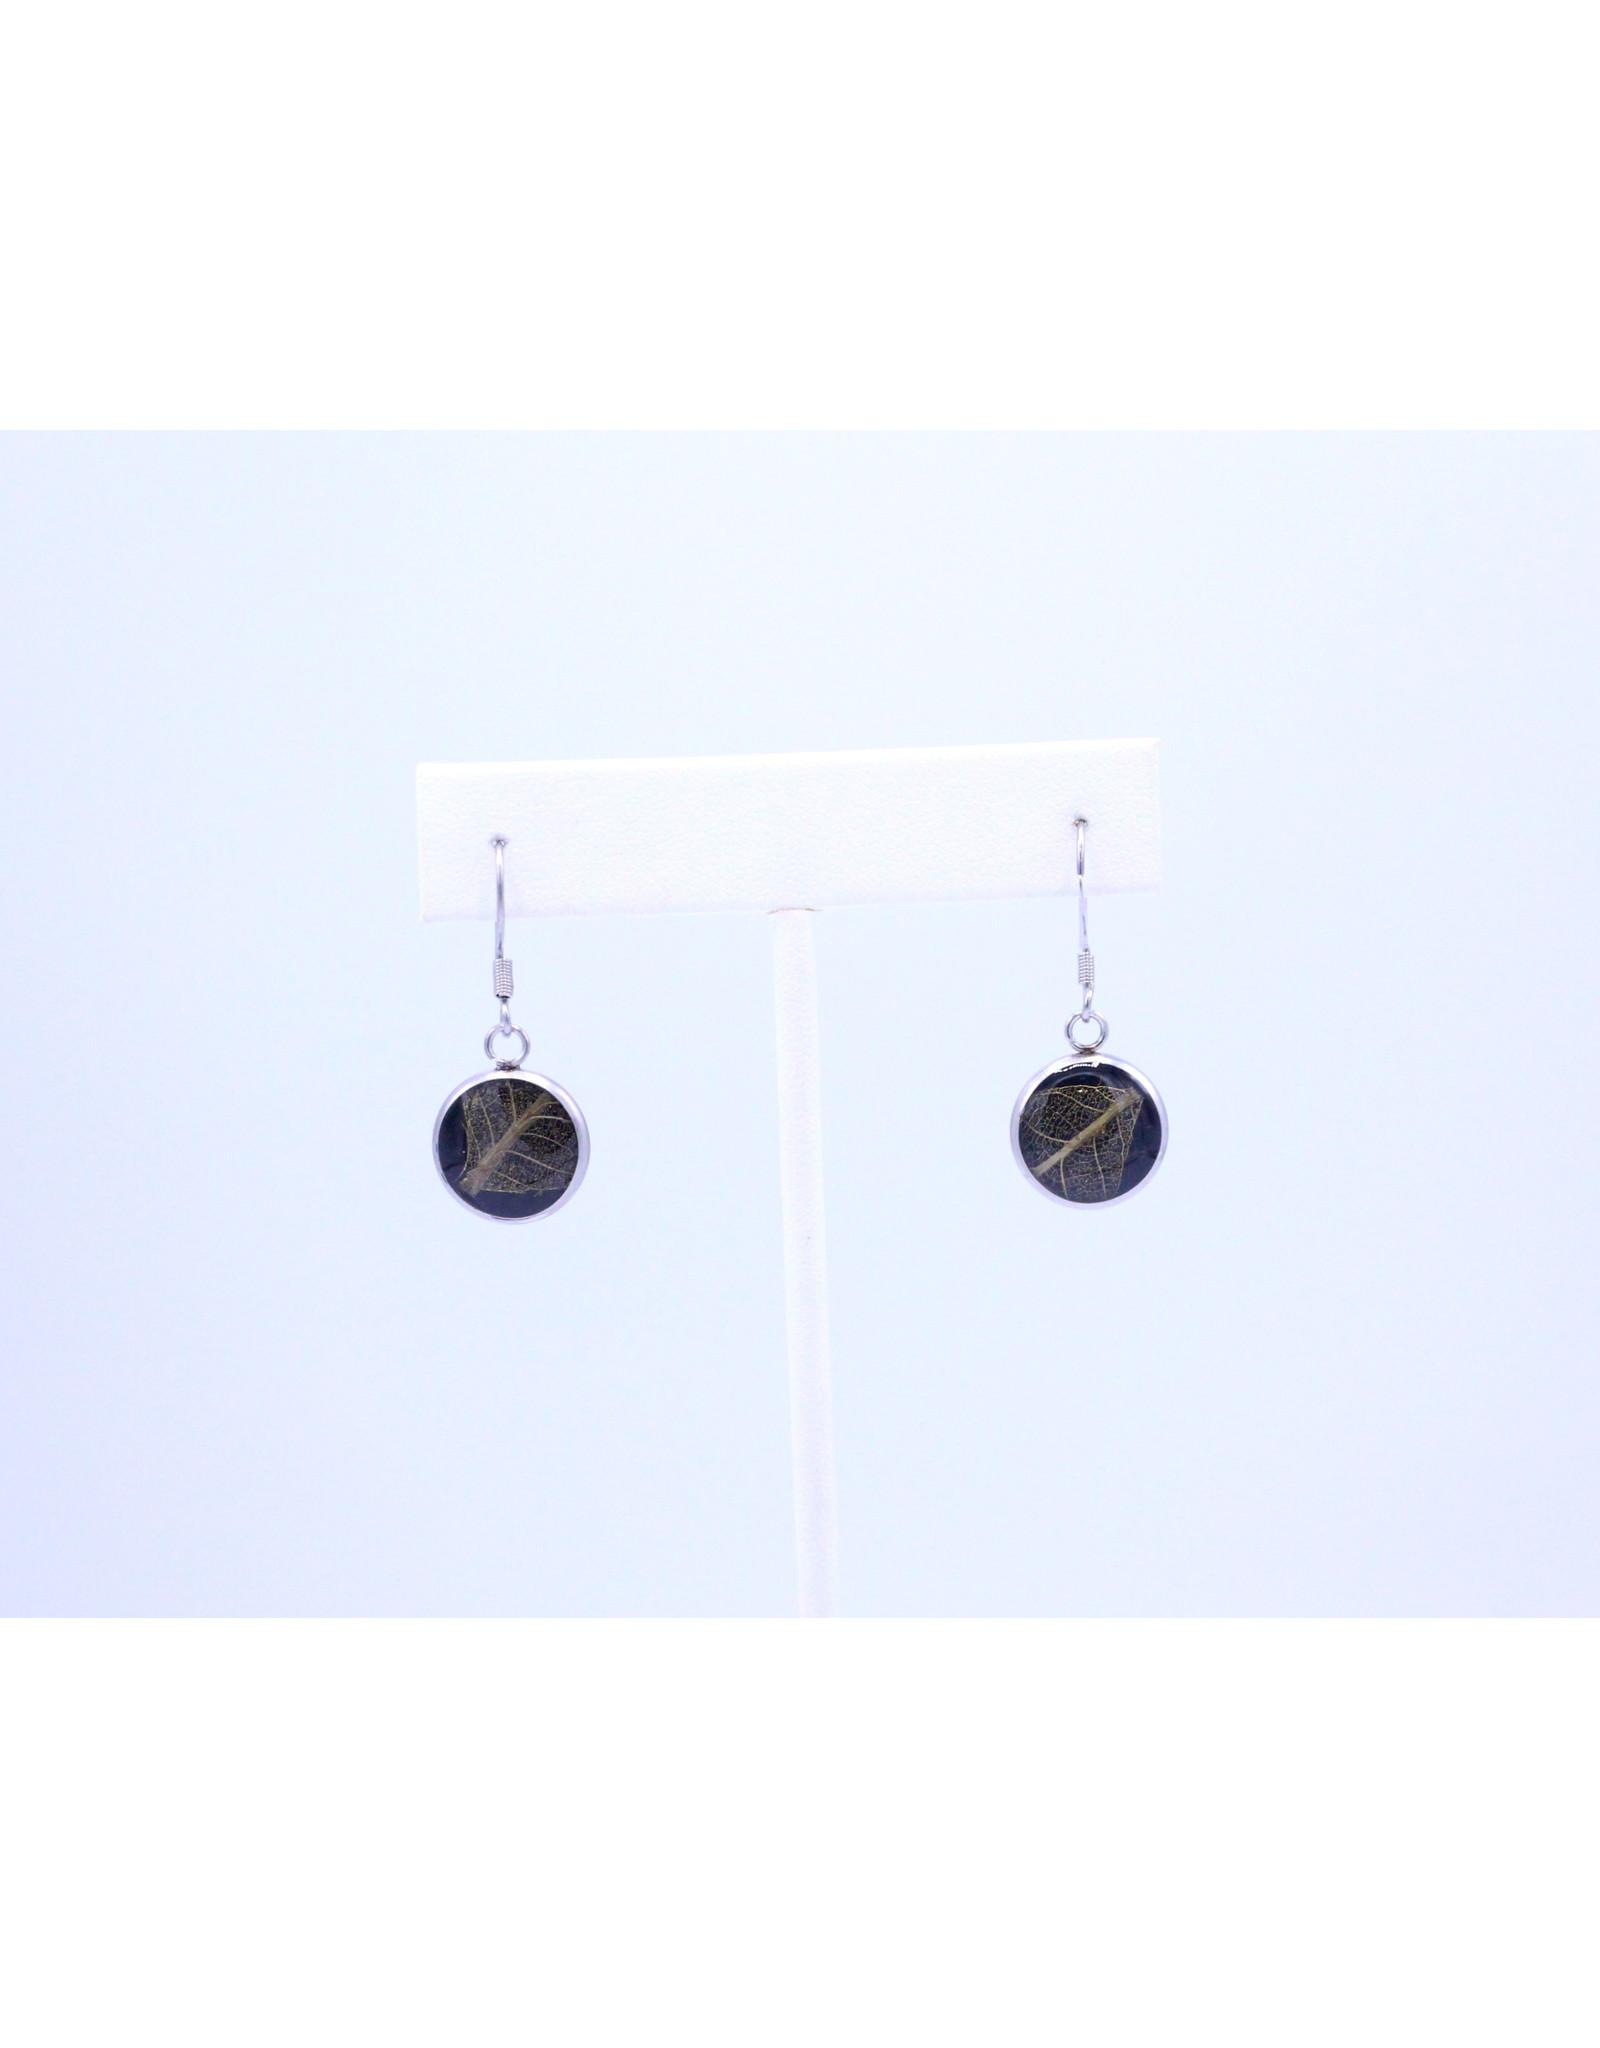 12mm Drop Skeletized Leaf Earrings - J12DSLS1